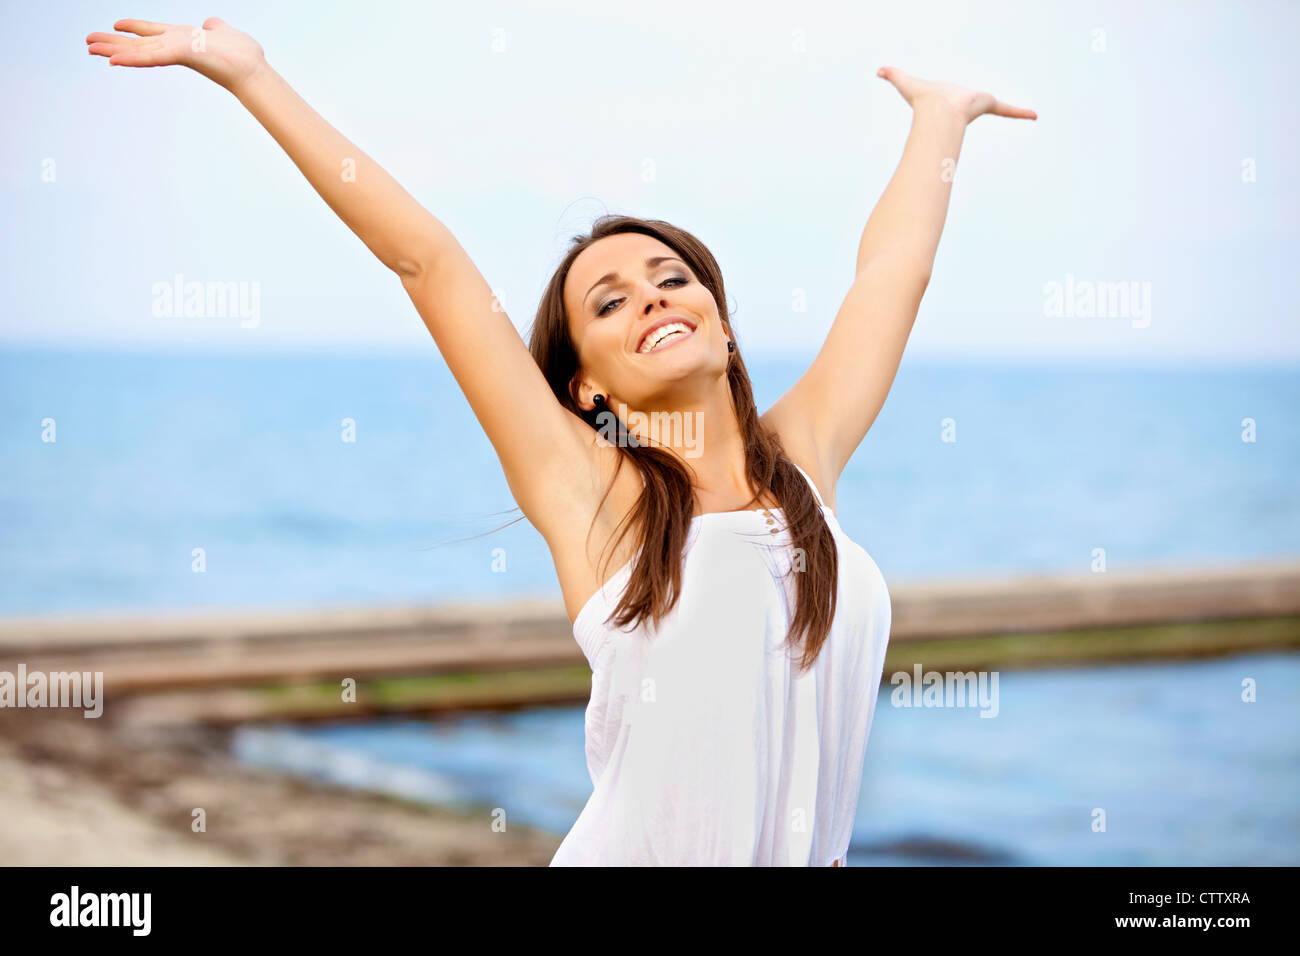 Cheerful woman avec bras levés au-dessus de sa tête Photo Stock